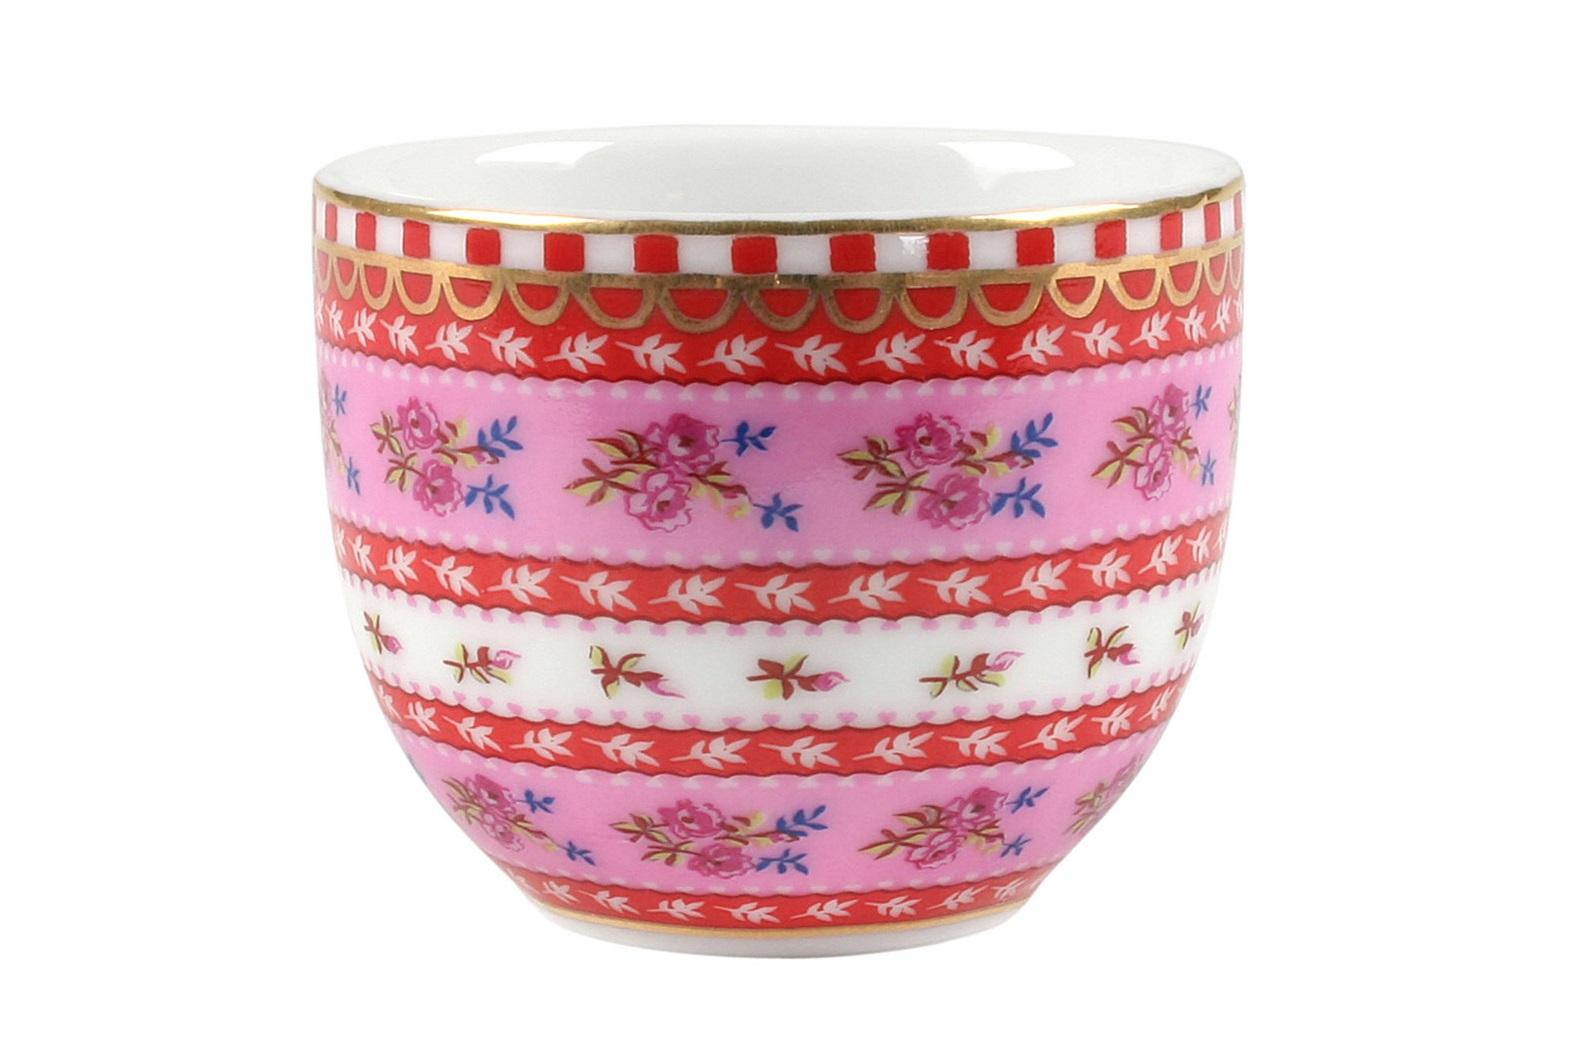 Набор подставок для яиц Floral (2шт)Подставки и доски<br>Коллекция посуды Floral появилась в 2008 г. и состоит из нескольких дизайнов, которые прекрасно сочетаются между собой и отлично дополняют друг друга. Особенность коллекции - в декорировании цветами, птицами и позолотой на всех предметах. Коллекция состоит из трёх цветовых групп - розовой, хаки и голубой, которые можно бесконечно комбинировать между собой. Коллекция также включает в себя кухонный текстиль и стекло.&amp;lt;div&amp;gt;&amp;lt;br&amp;gt;&amp;lt;/div&amp;gt;&amp;lt;div&amp;gt;&amp;lt;span style=&amp;quot;font-size: 14px;&amp;quot;&amp;gt;Не использовать в микроволновой печи. Не рекомендуется мыть в посудомоечной машине.&amp;amp;nbsp;&amp;lt;/span&amp;gt;&amp;lt;br&amp;gt;&amp;lt;/div&amp;gt;<br><br>Material: Фарфор<br>Width см: None<br>Depth см: None<br>Height см: 5<br>Diameter см: 5